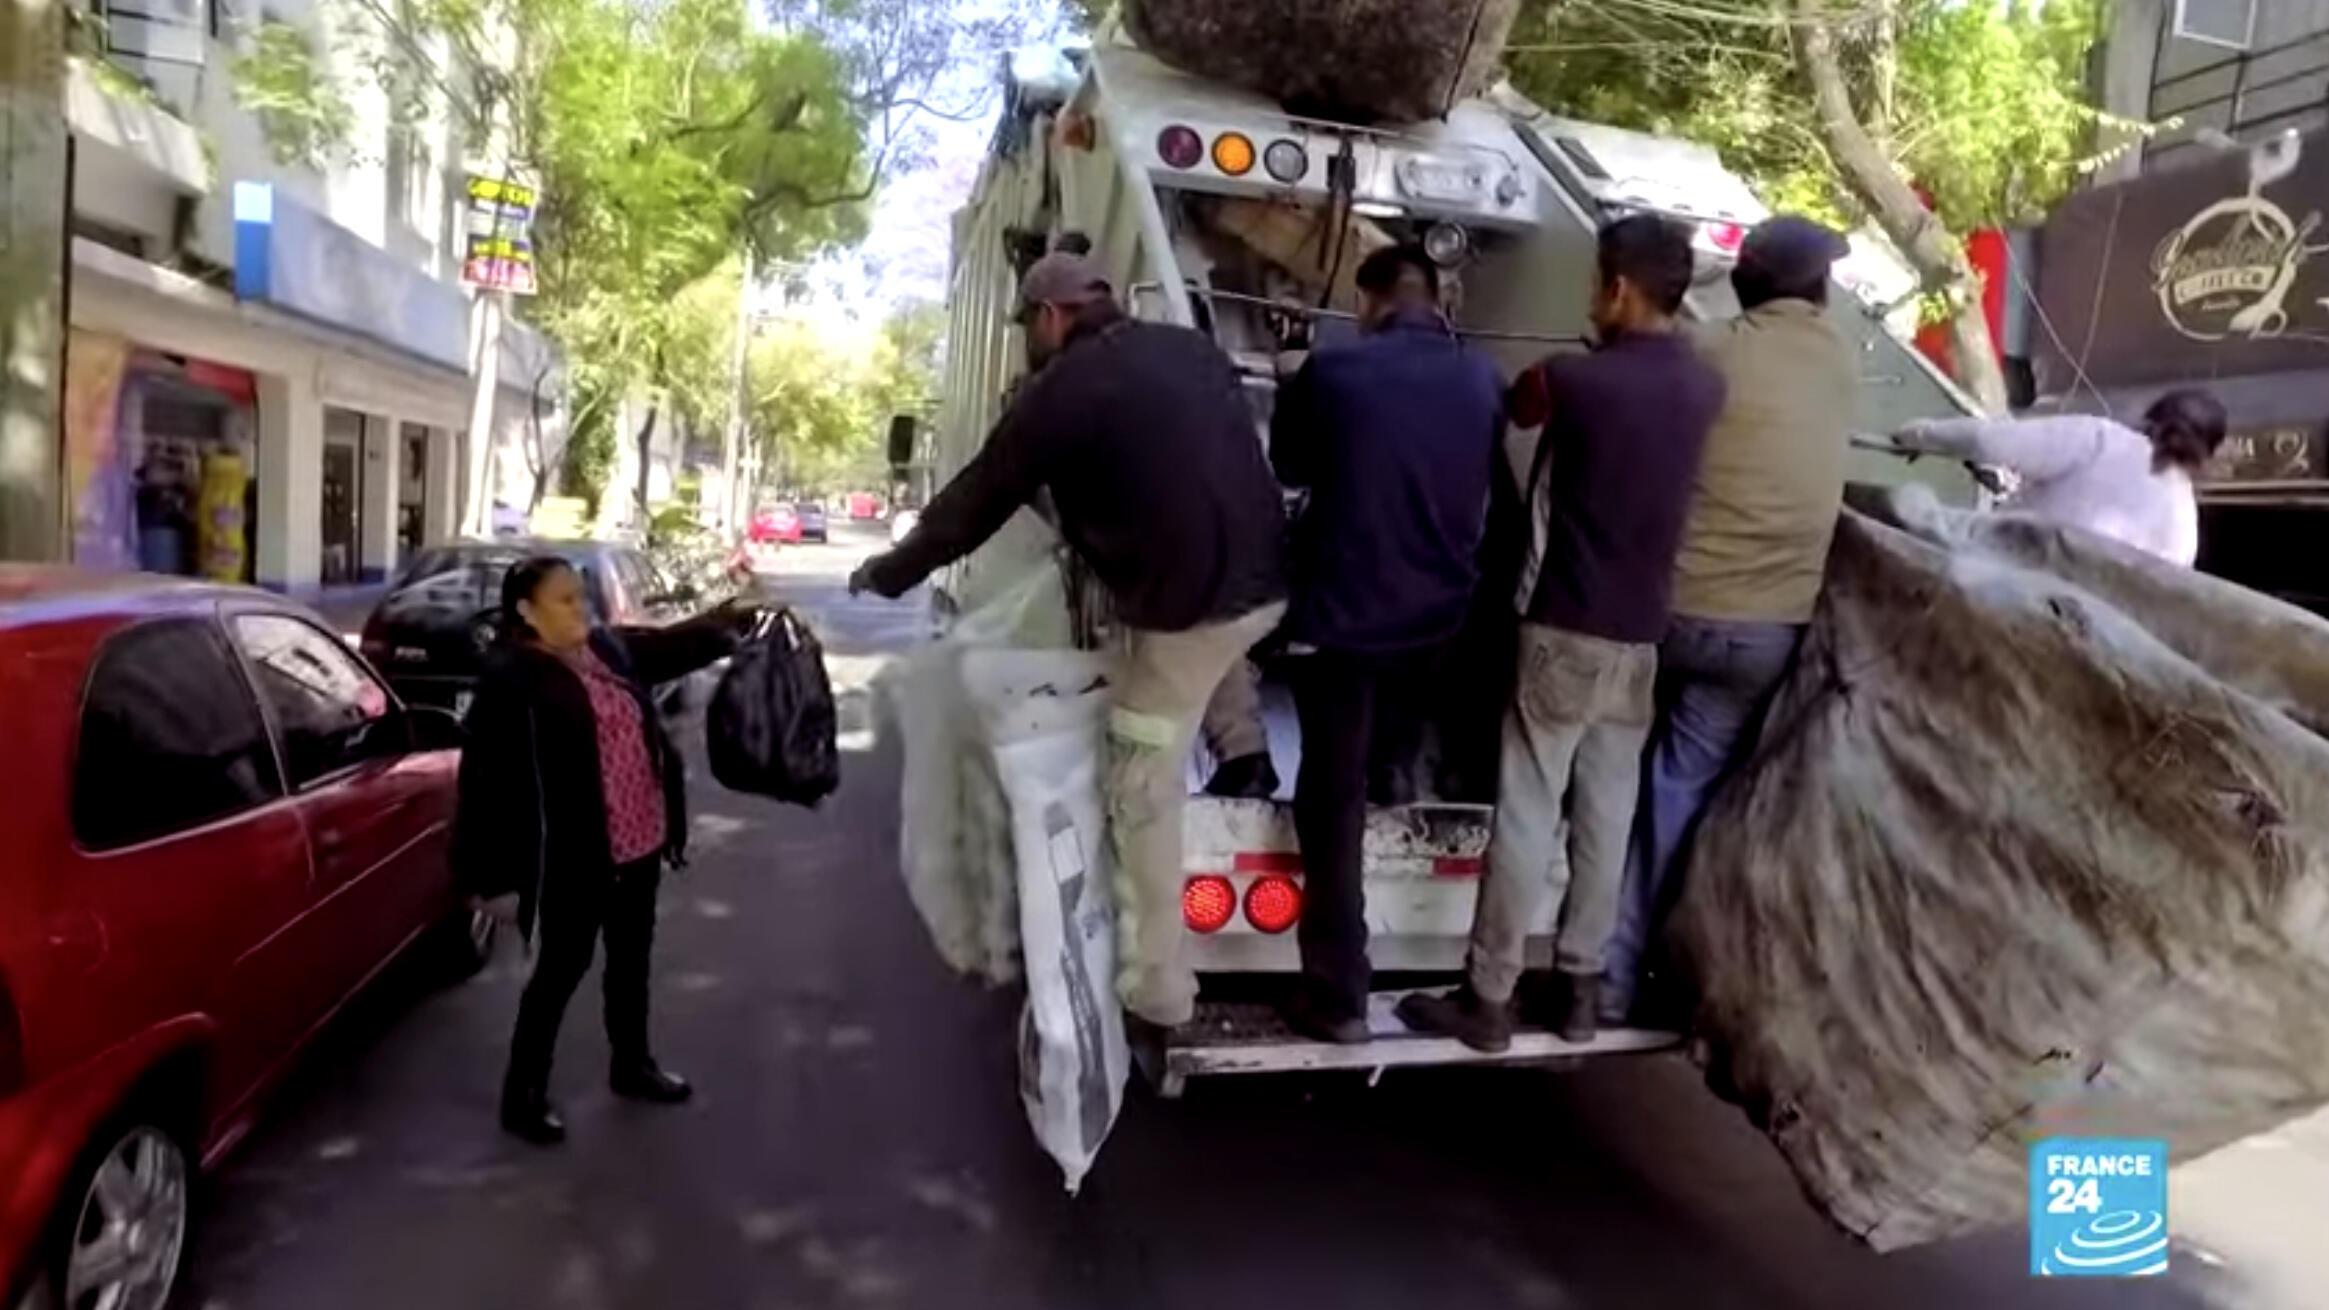 Captura de pantalla de un video que muestra un equipo de recolección de residuos en Ciudad de México, México.